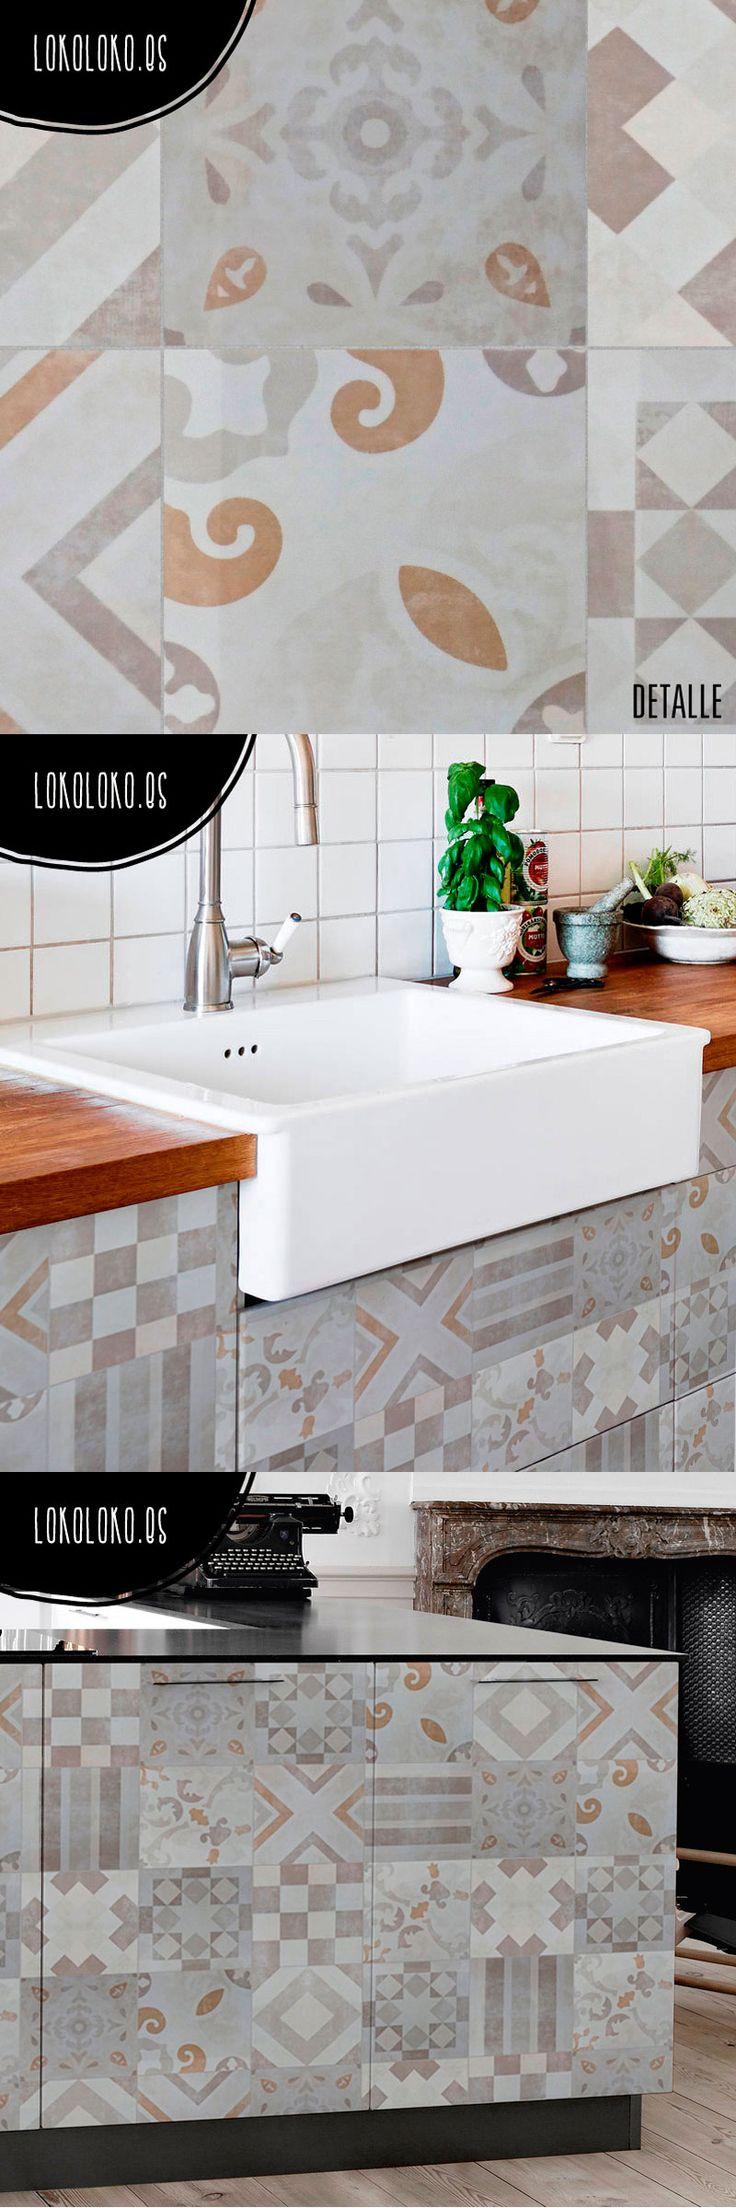 Las 25 mejores ideas sobre papel tapiz en relieve en - Forrar azulejos cocina ...